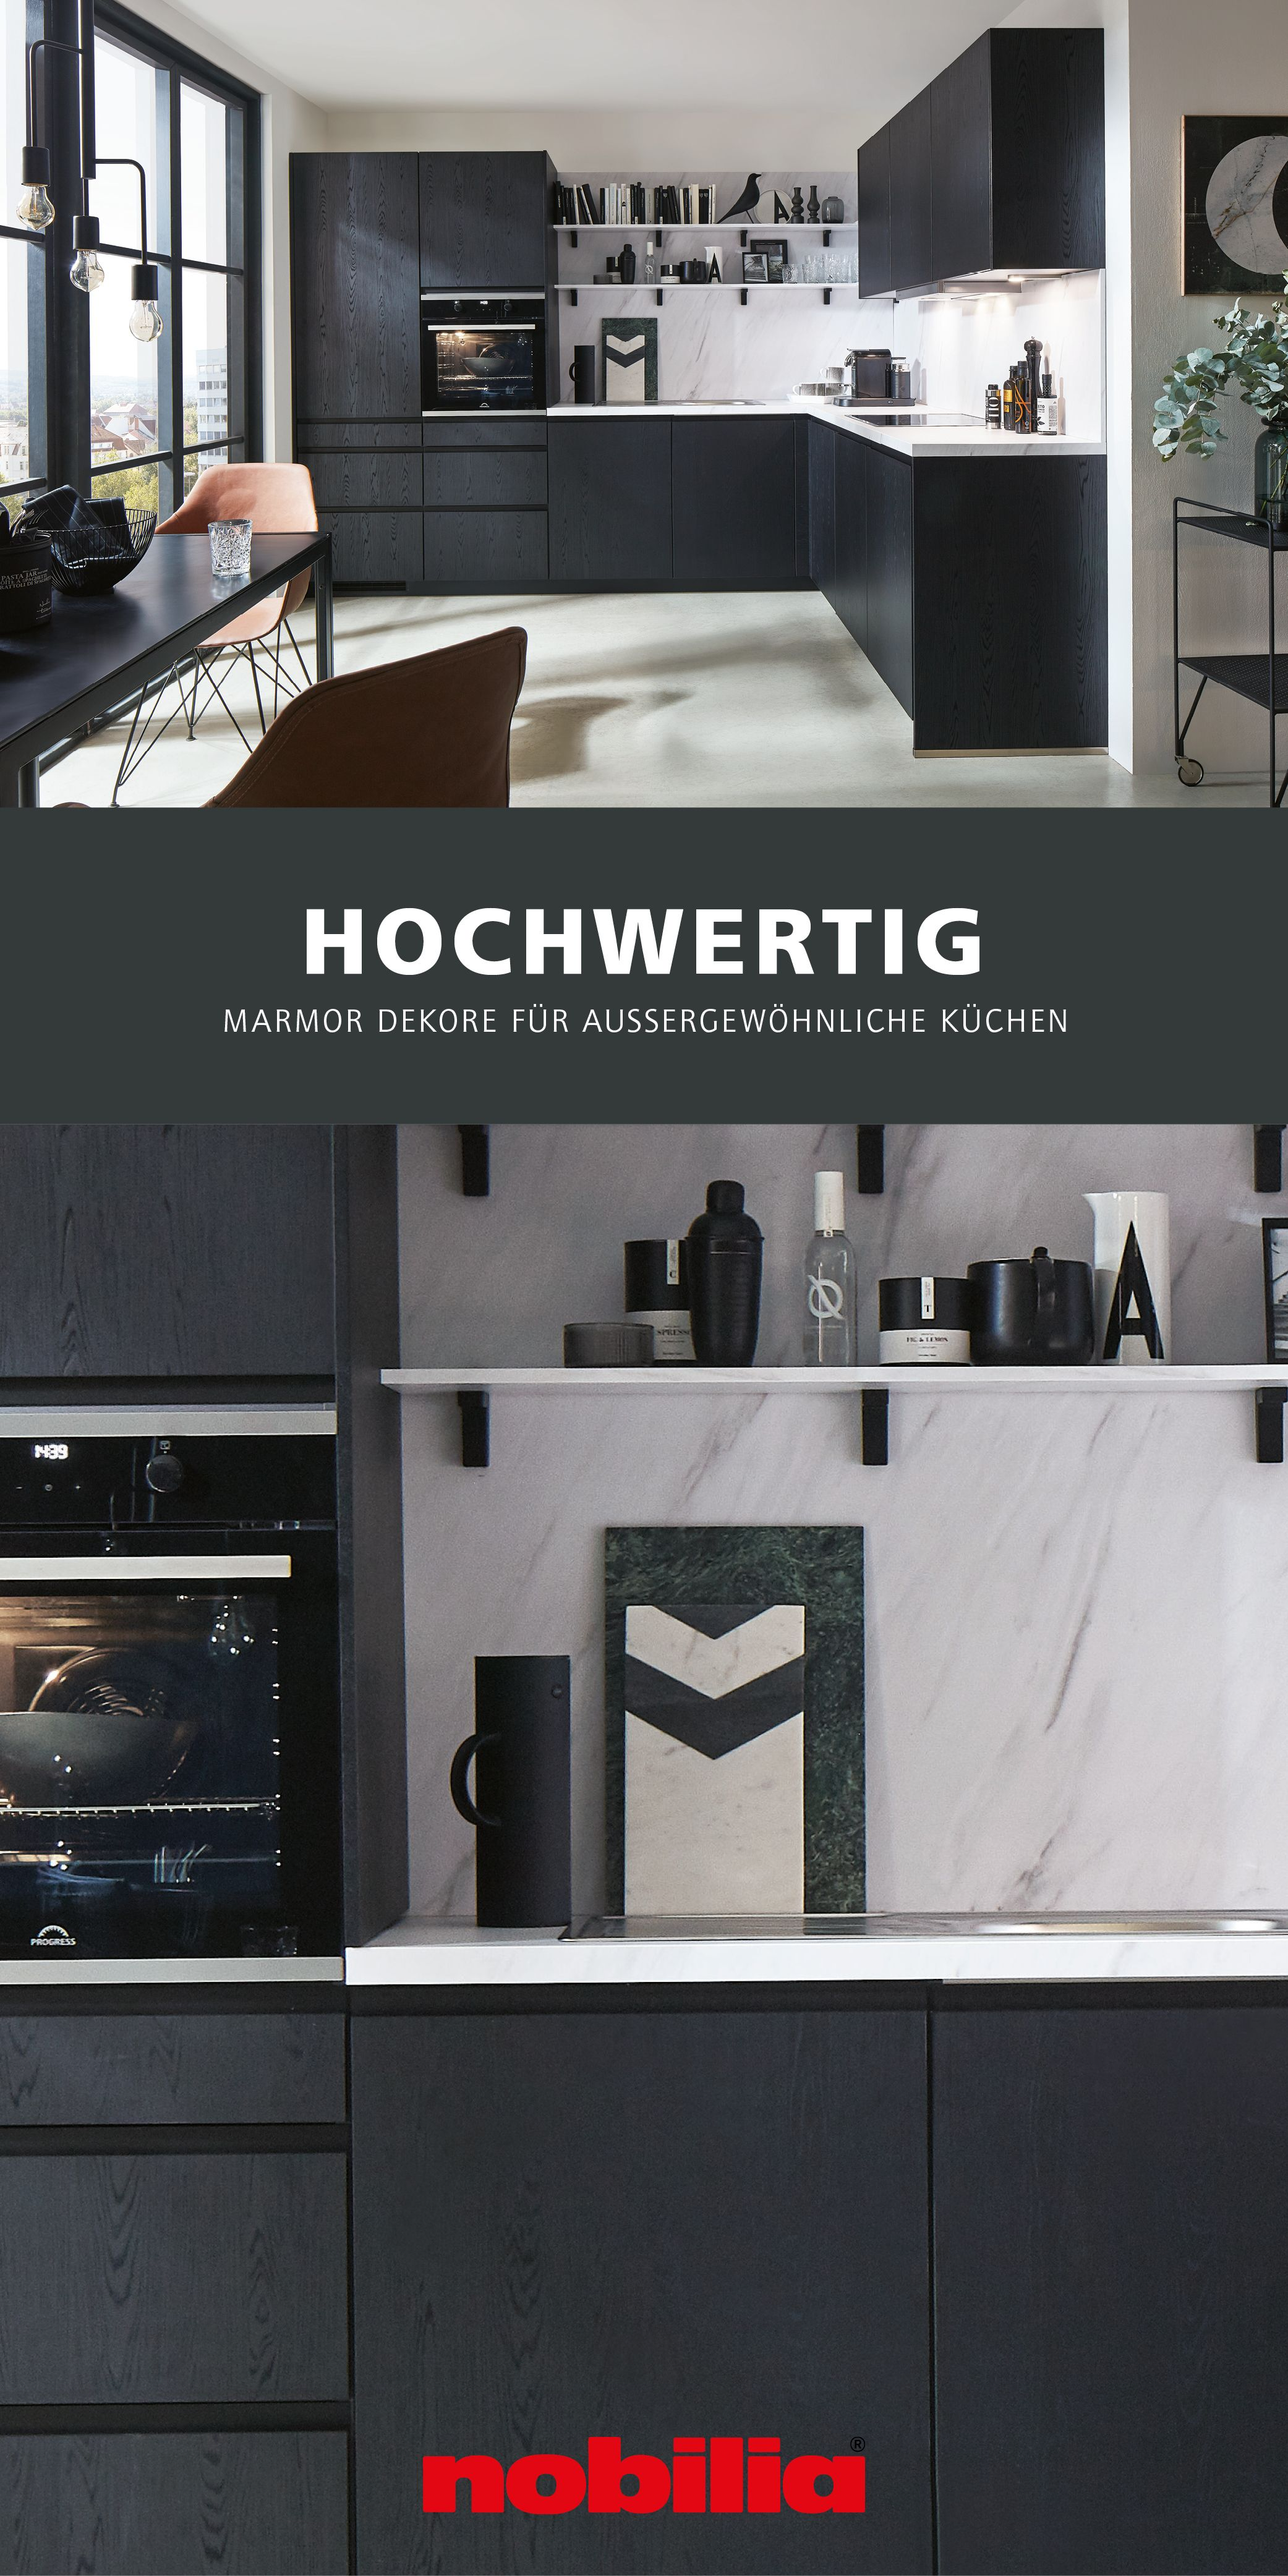 Moderne Kuche Mit Edlen Dekoren In 2020 Moderne Kuche Kuche Schwarz Kuche Schwarz Weiss